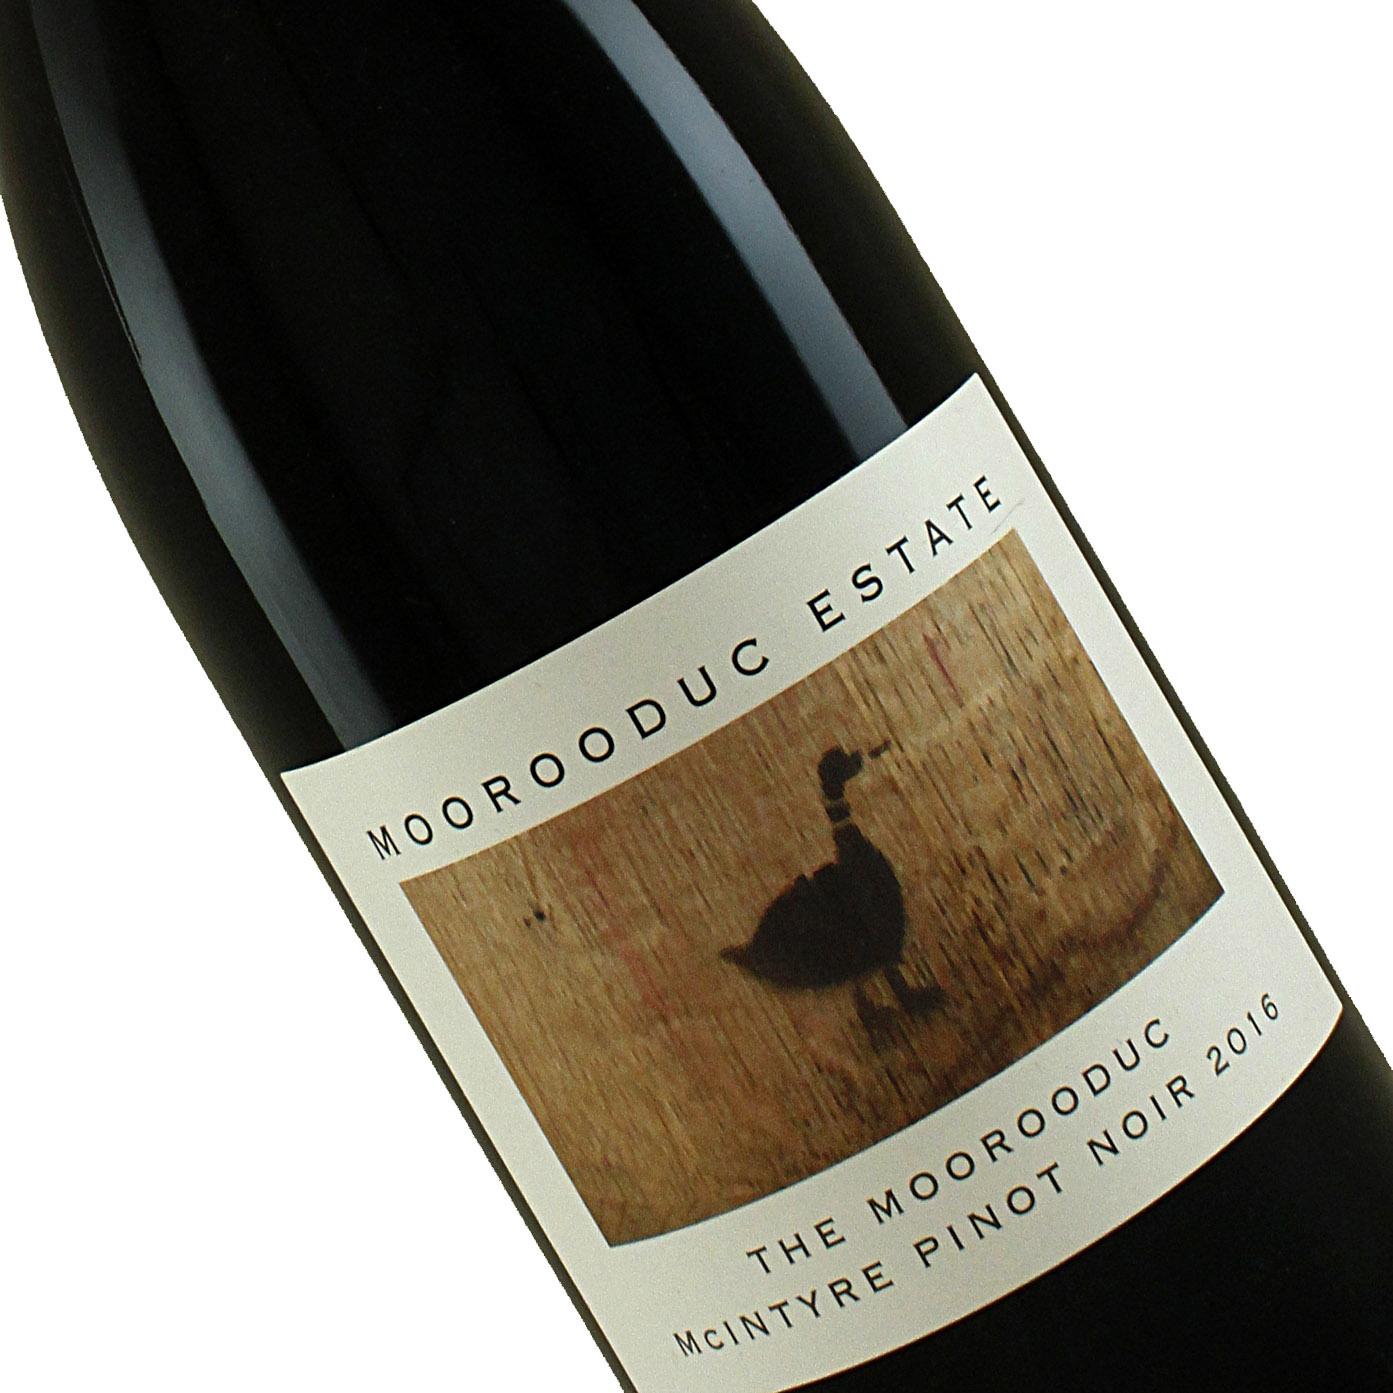 Moorooduc Estate 2016 McIntyre Vineyard  Pinot Noir, Australia